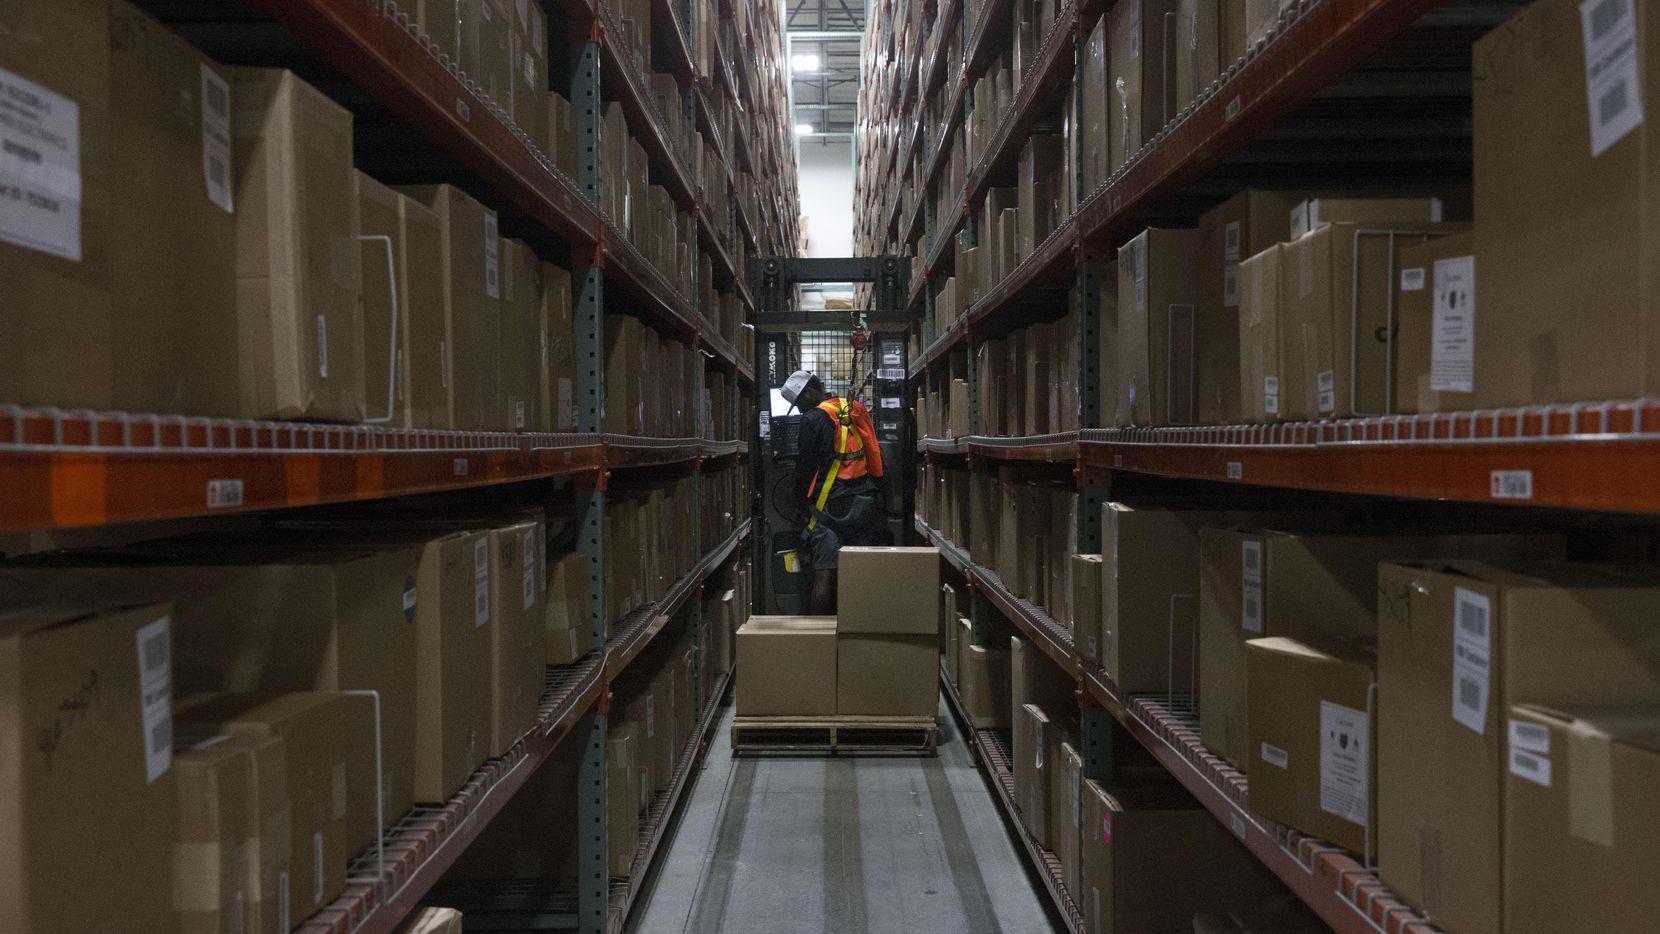 Gerry Giddings revisa un producto en Liquidity Services, una bodega en Garland en donde terminan artículos devueltos por clientes de Amazon y otras tiendas en línea. DANIEL CARDE/DMN